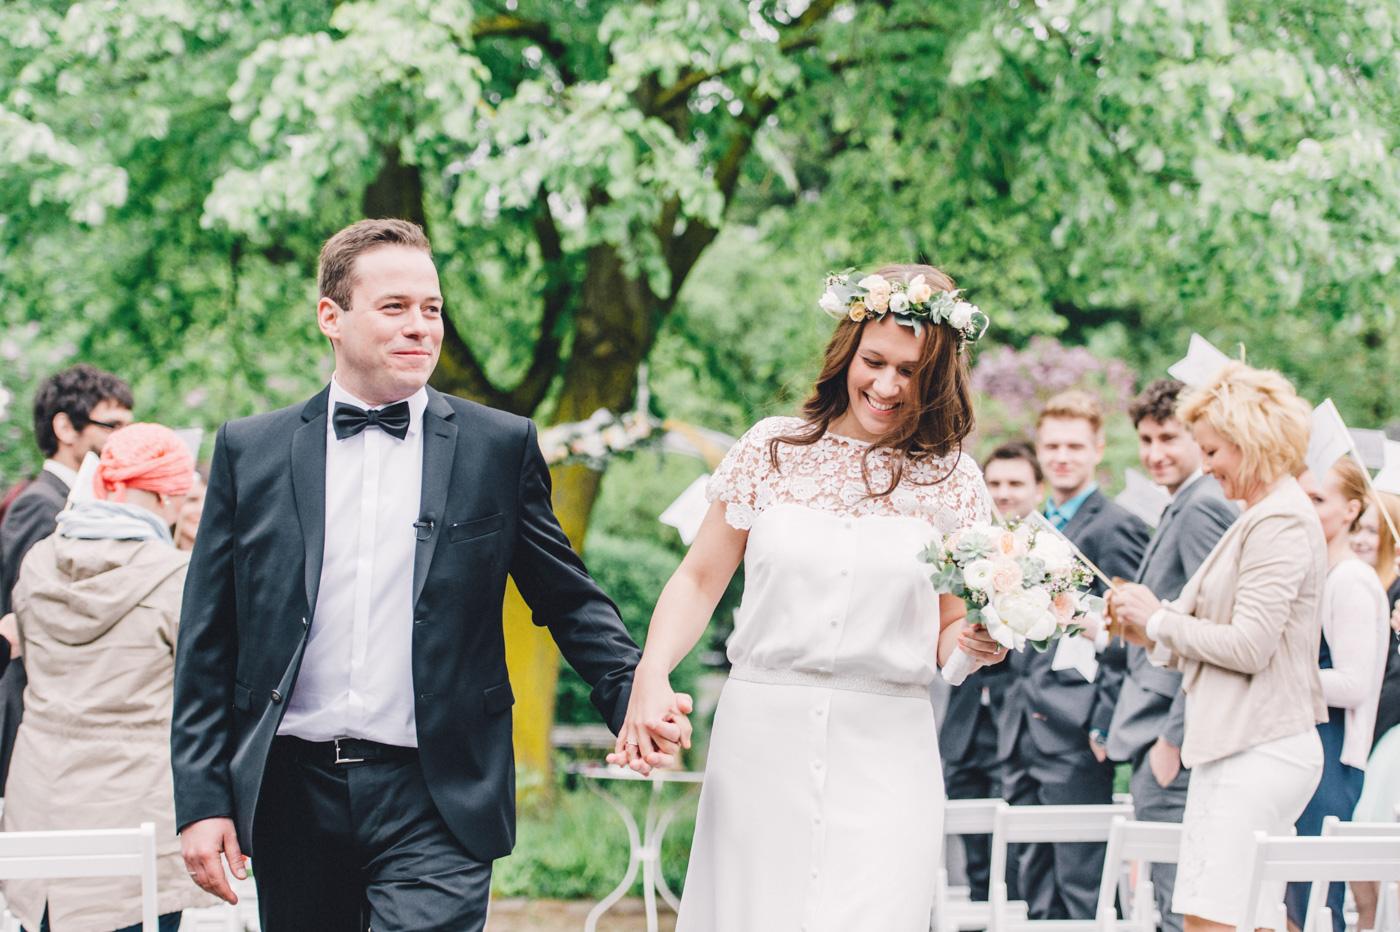 diy-wedding-nothenhof--97